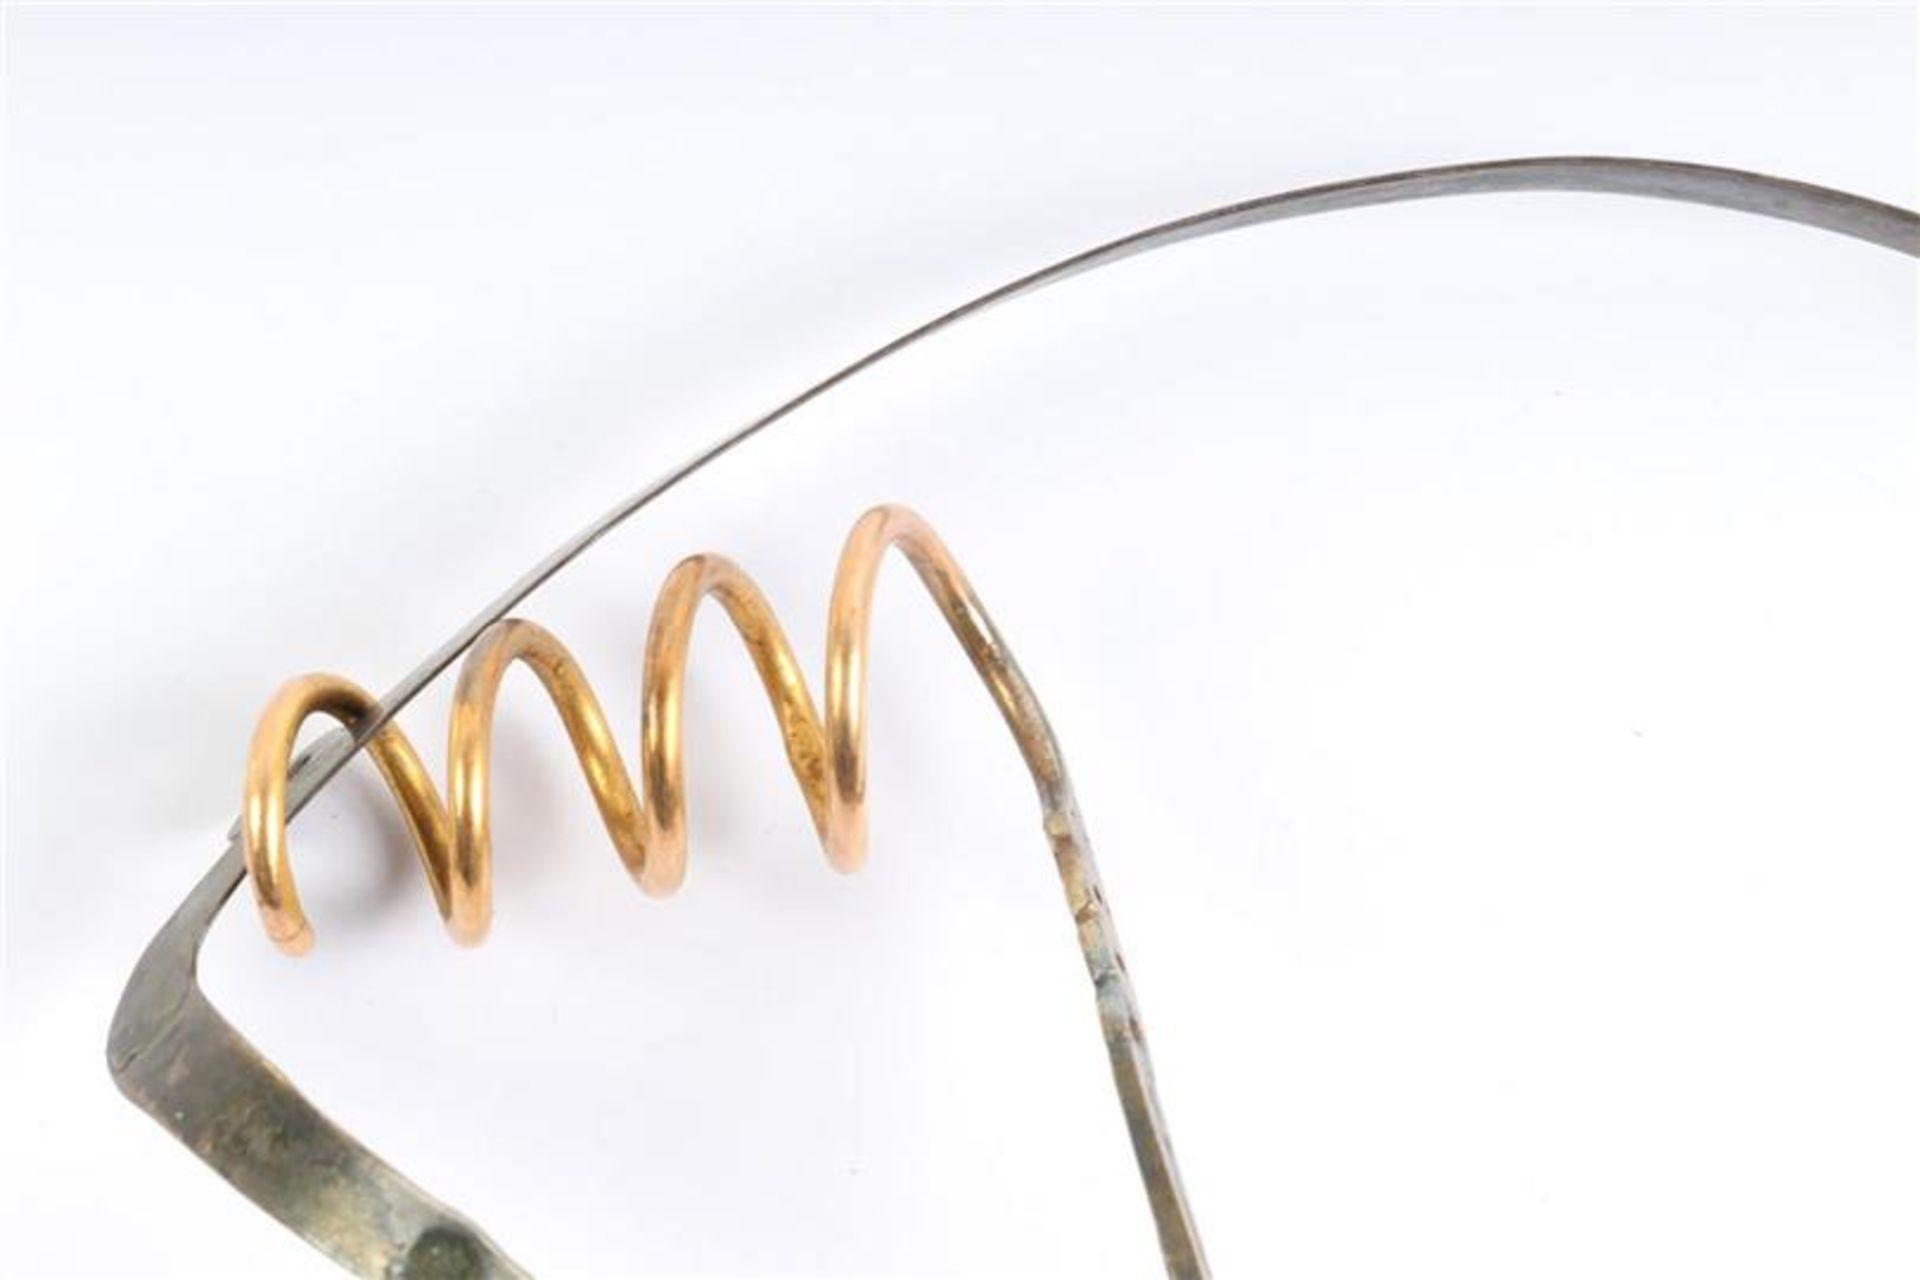 Zilveren oorijzers met gouden krullen, Hollands gekeurd. Gewicht: 42 g. - Bild 2 aus 2